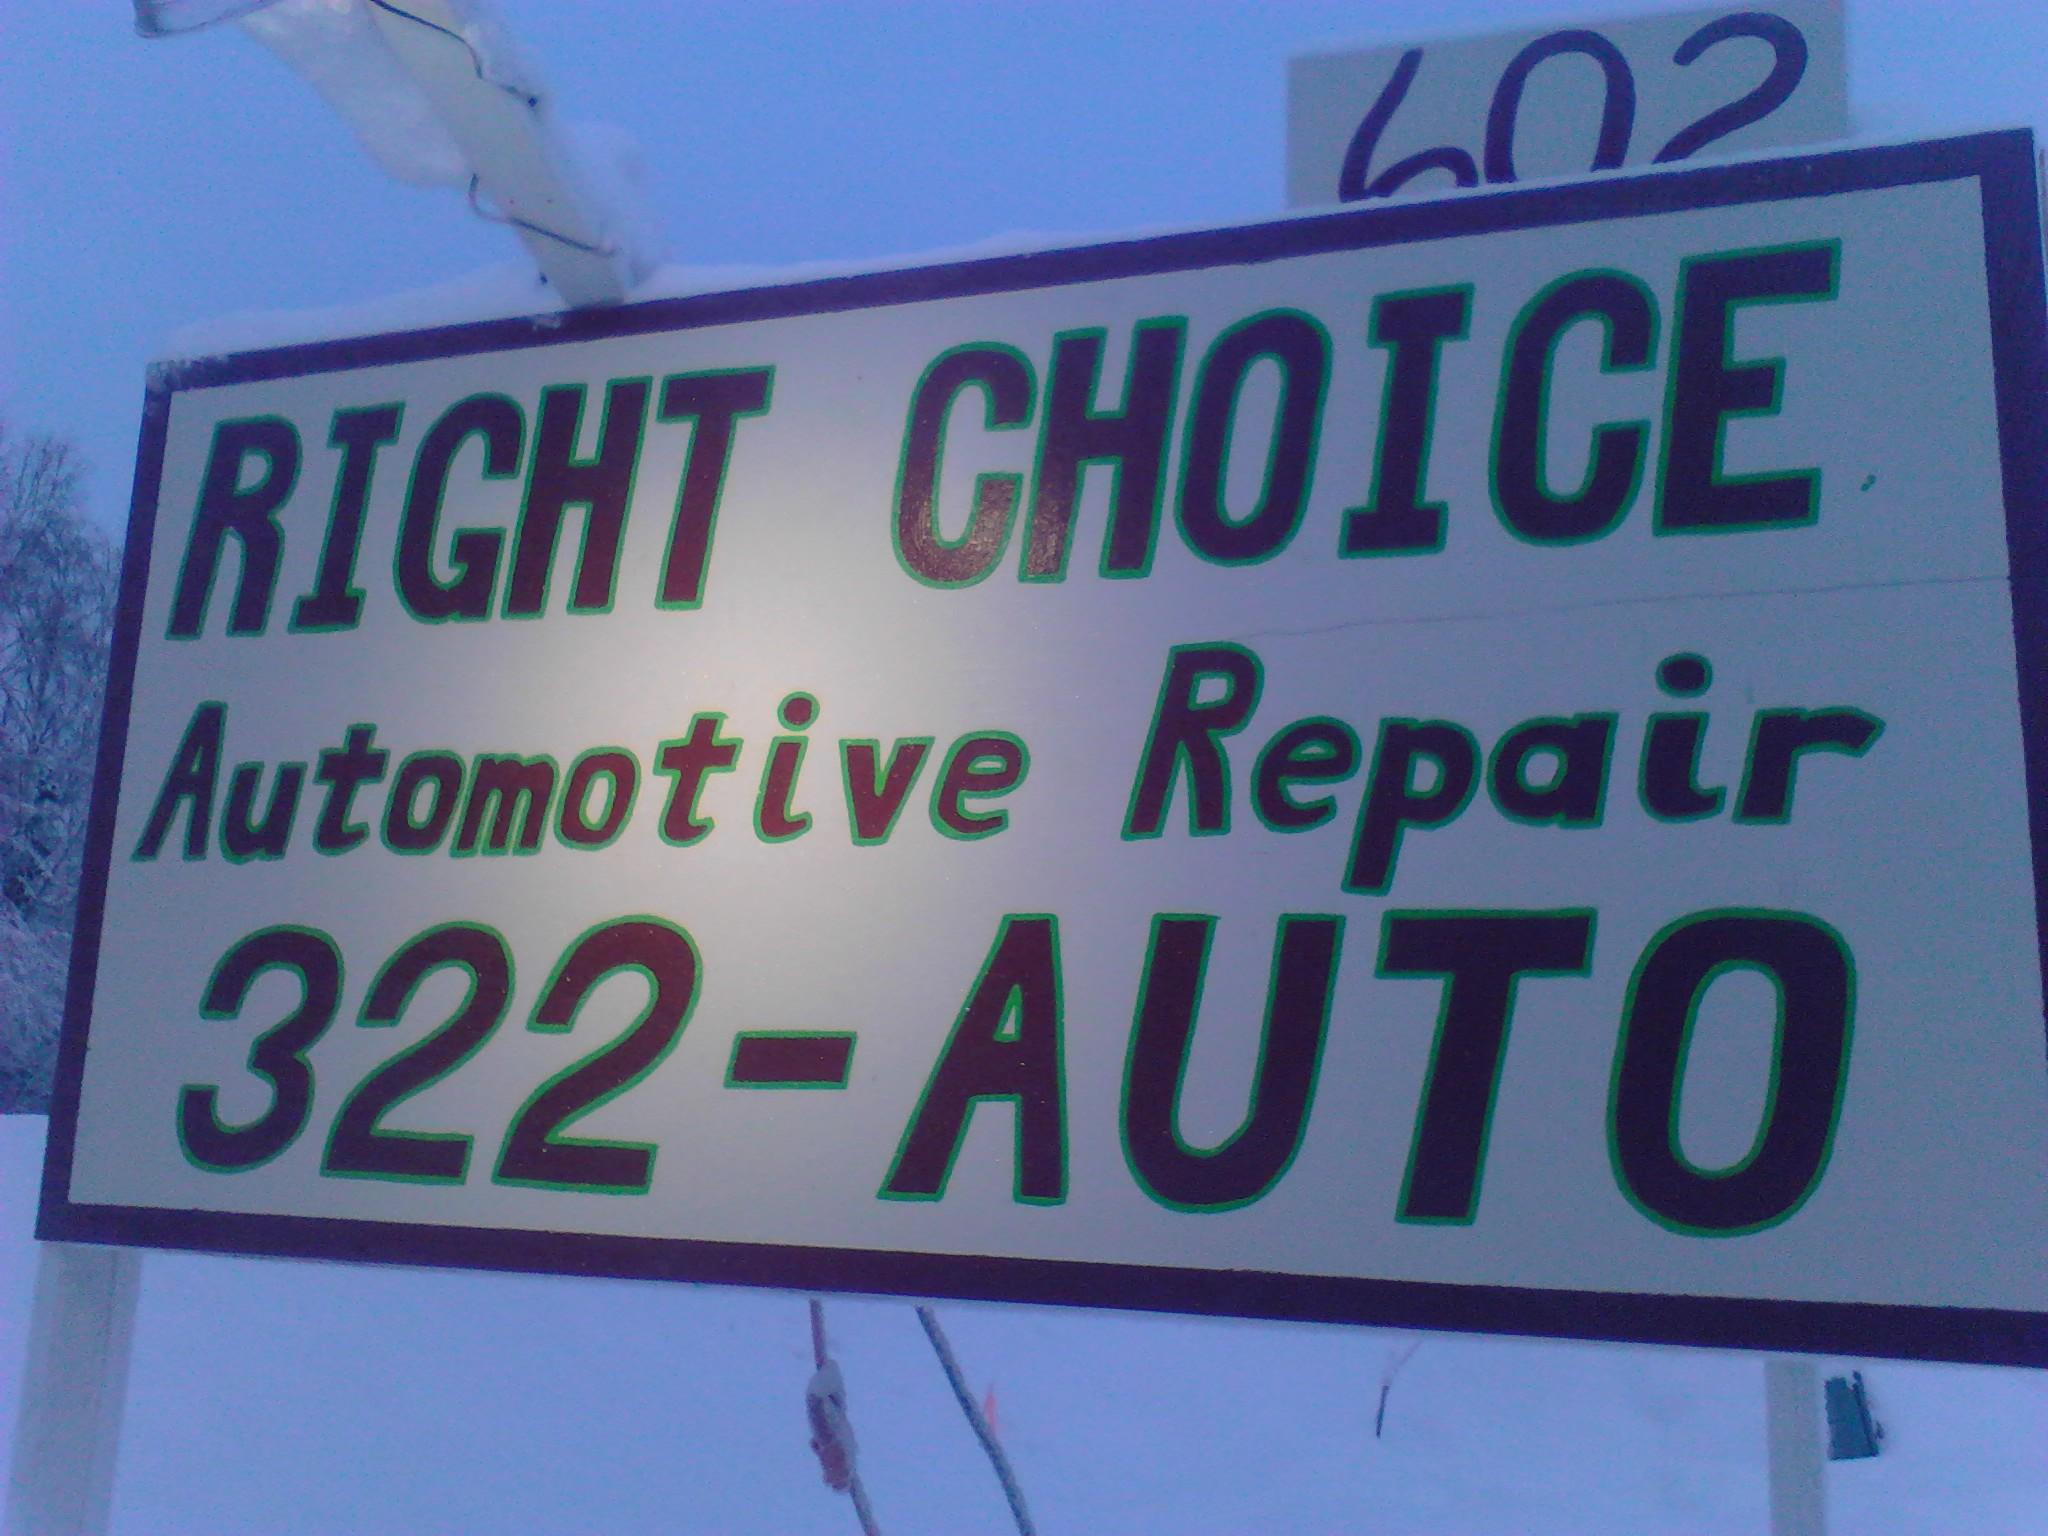 Right Choice Automotive >> Right Choice Automotive Repair in Fairbanks, AK 99712